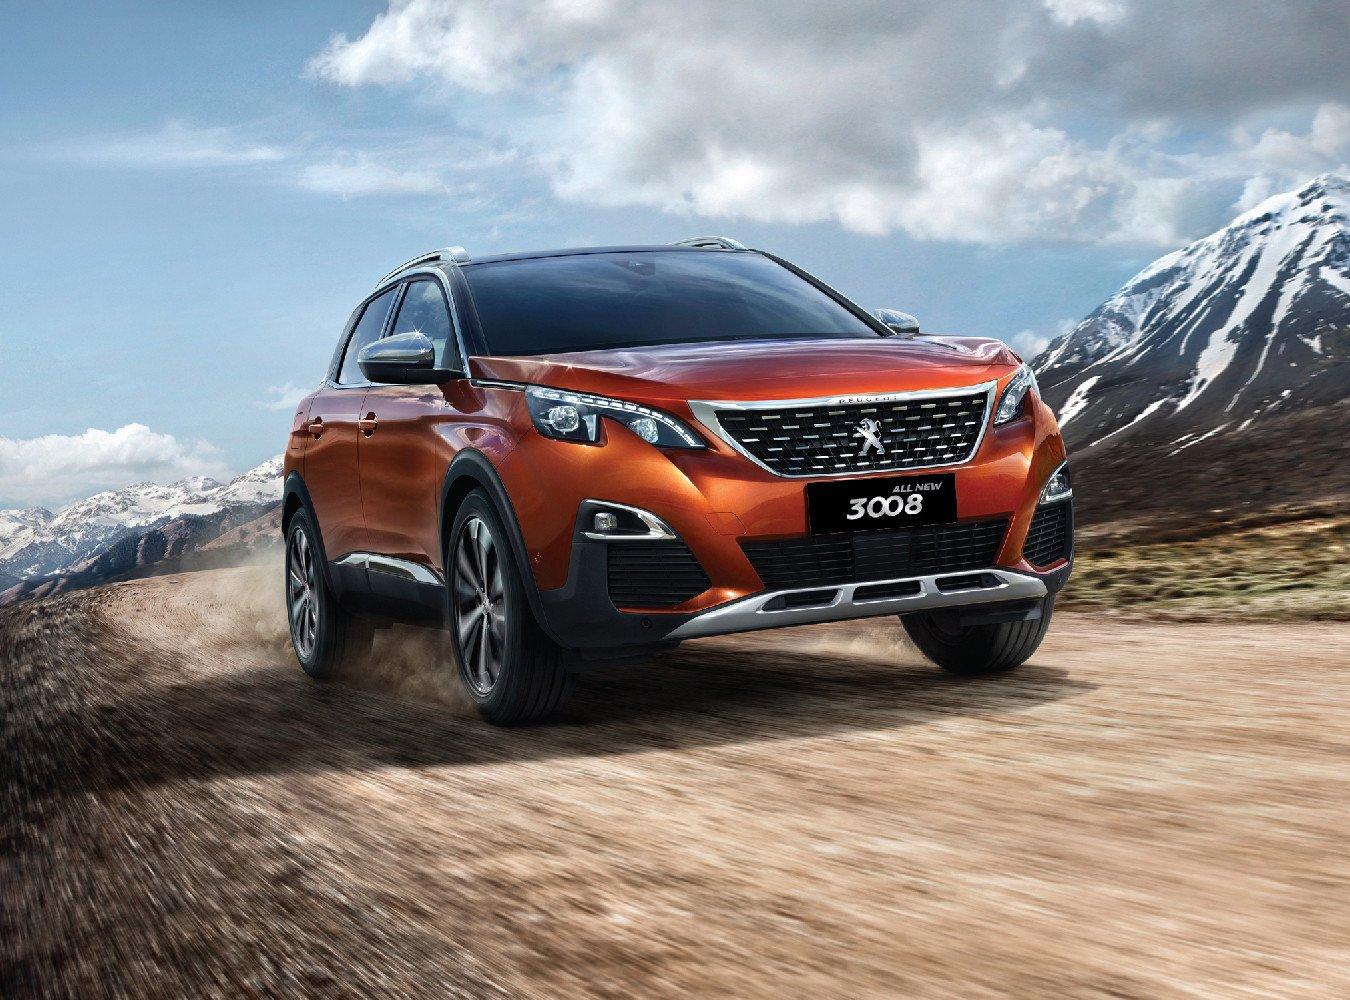 Bảng giá xe Peugeot  mới nhất tháng 11/2019: Peugeot 3008 ghế cơ giữ nguyên giá 944 triệu đồng - Ảnh 1